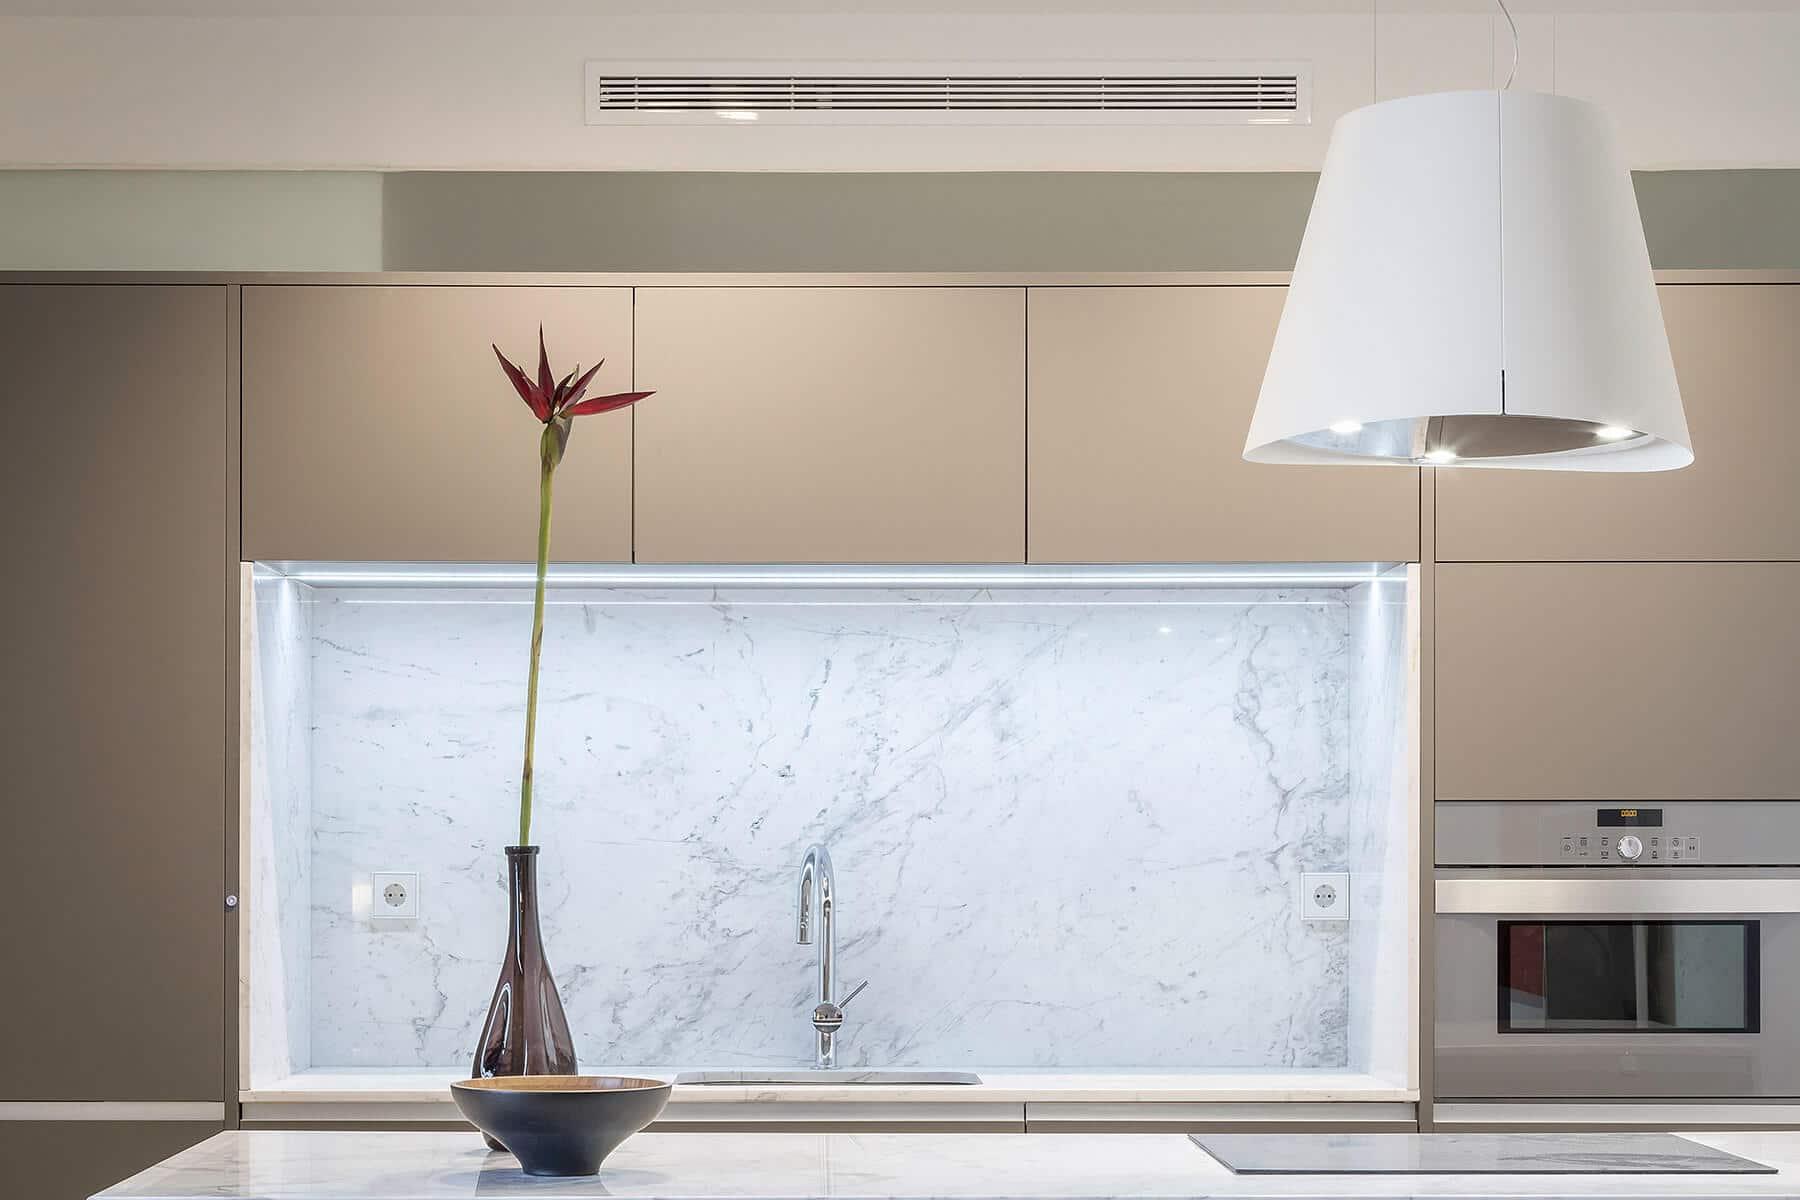 Cocina beige con encimera de marmol gris y campana decorativa - muebles de cocina